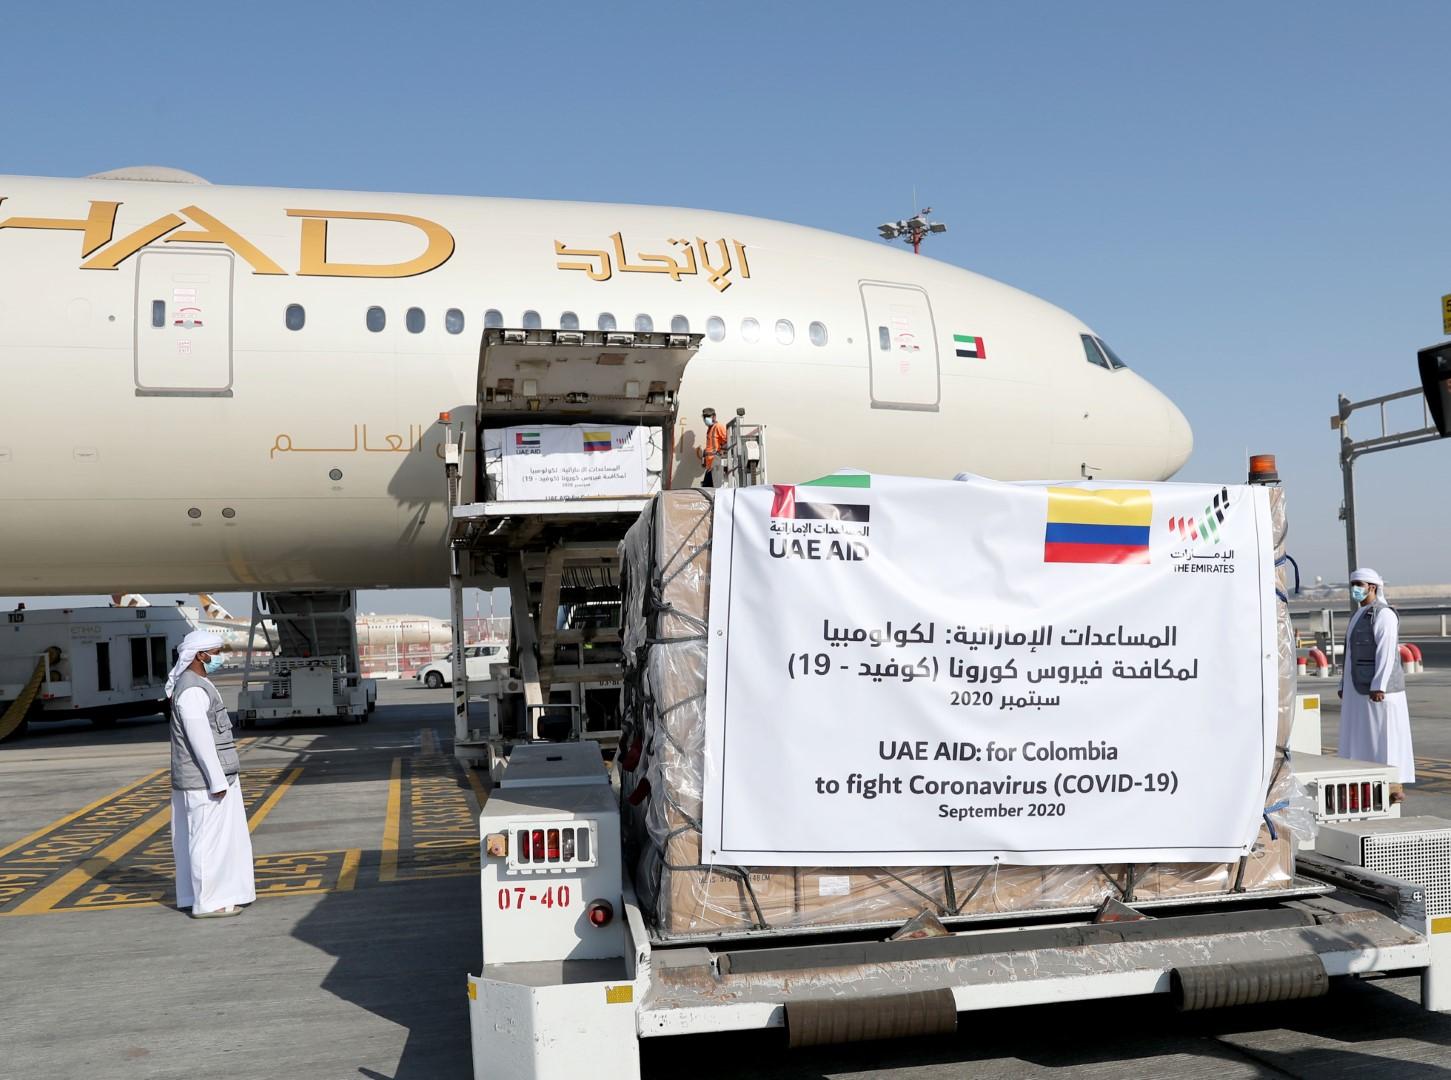 """الإمارات ترسل طـائرة مساعدات طبية خامسة إلى كولومبيا لدعم جهودها في مكافحة """"كوفيد-19 """""""